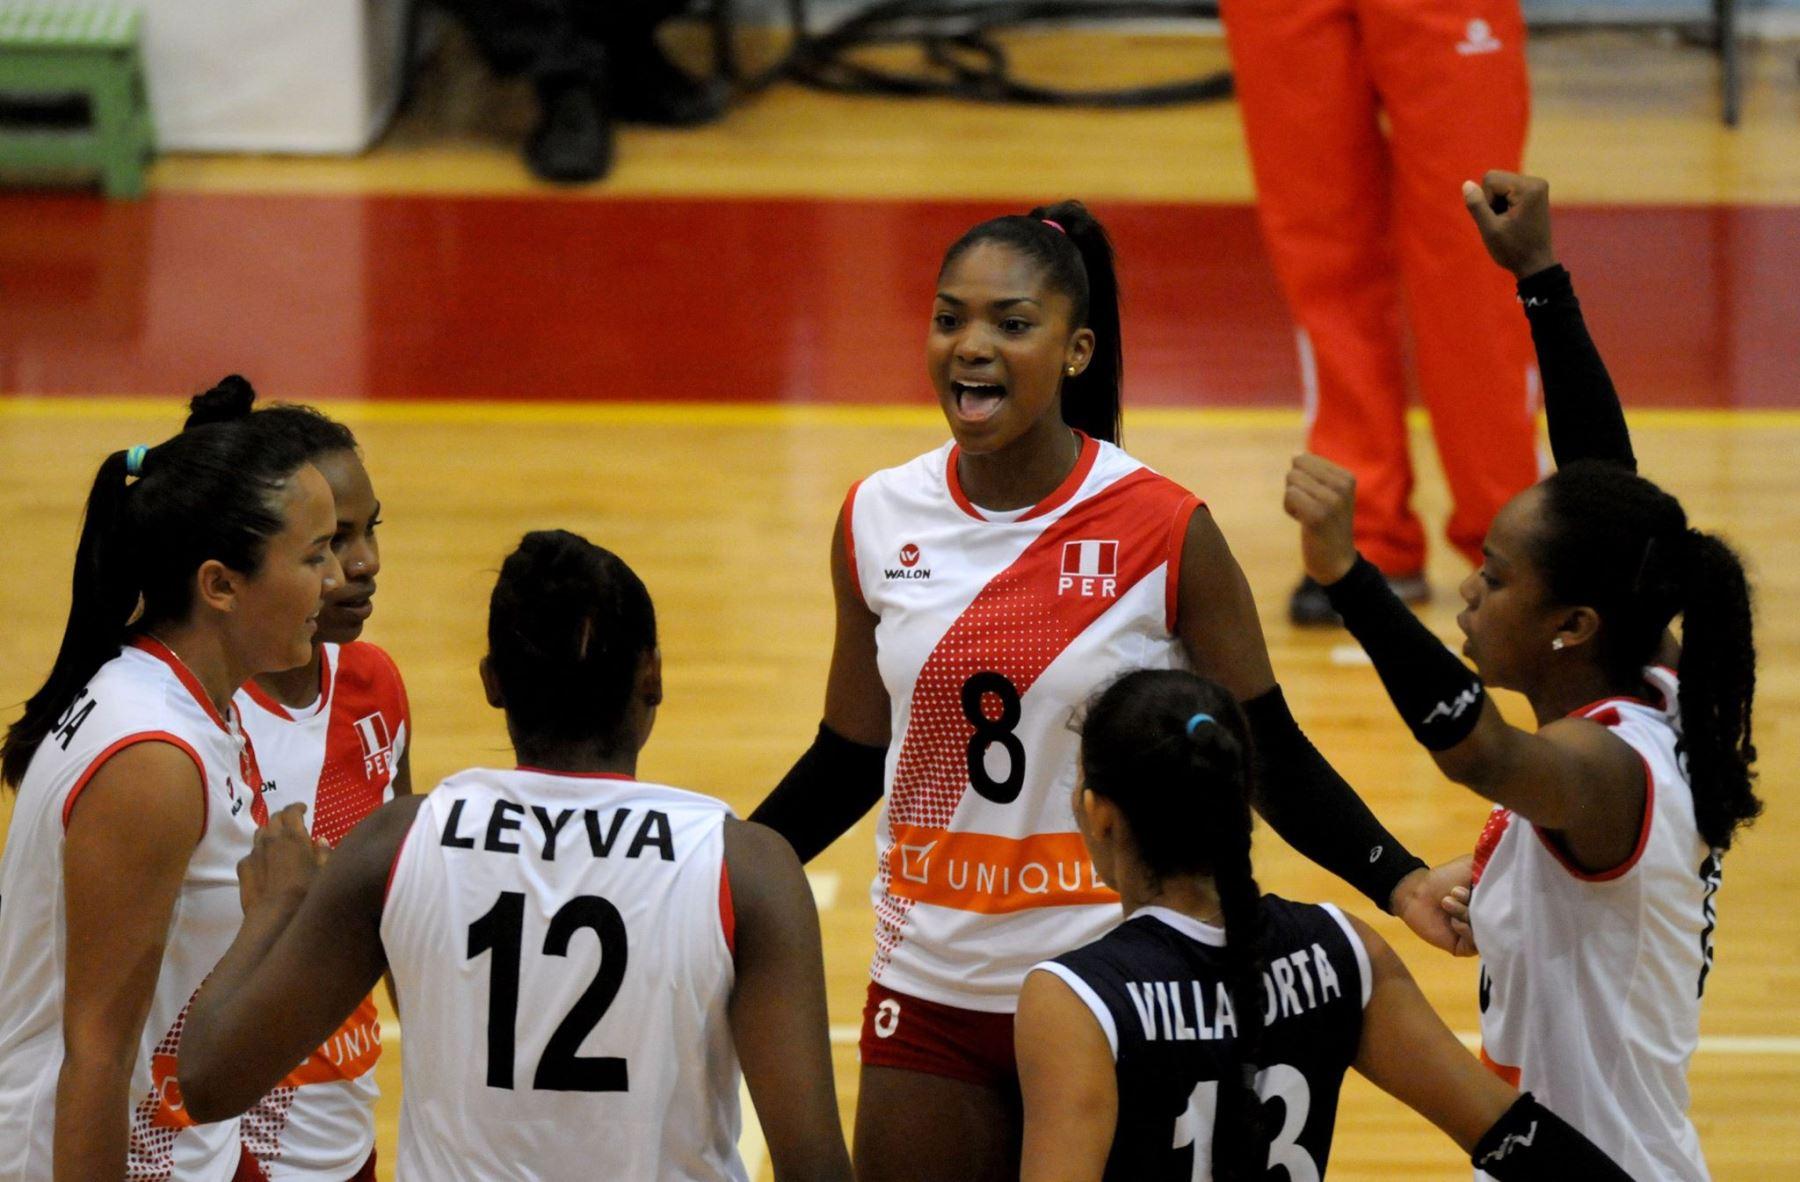 Perú ahora integra el grupo F donde buscará su pase a la semifinal del torneo.